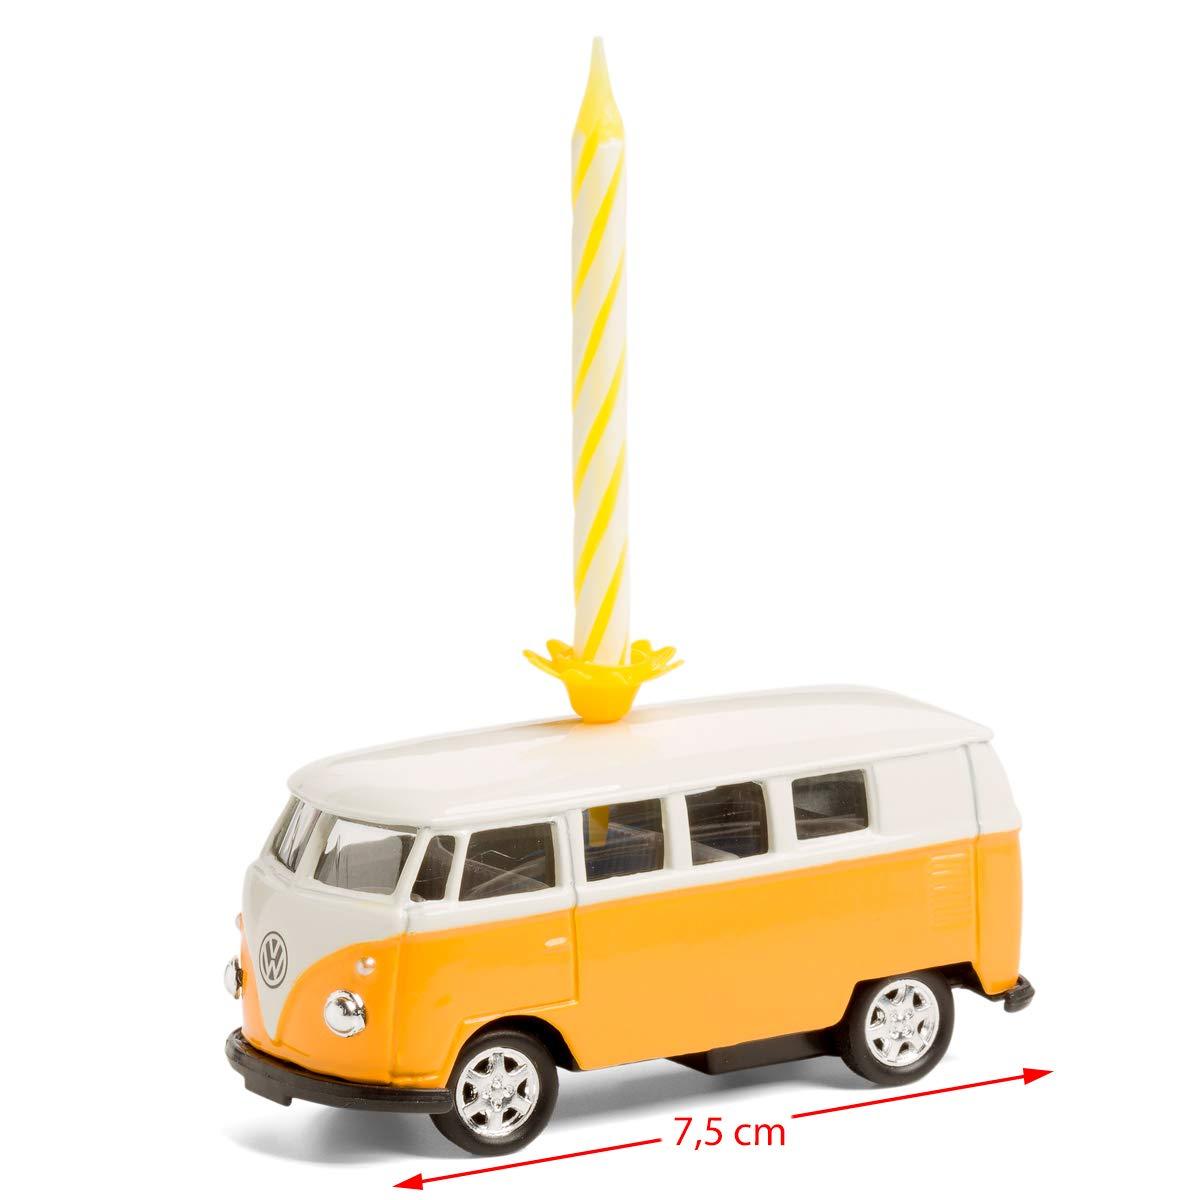 corpus delicti :: Vela sobre Ruedas - el Regalo de cumpleaños para Todos los fanáticos de Bulli - VW Bus T1 Bulli de Metal (Amarillo)